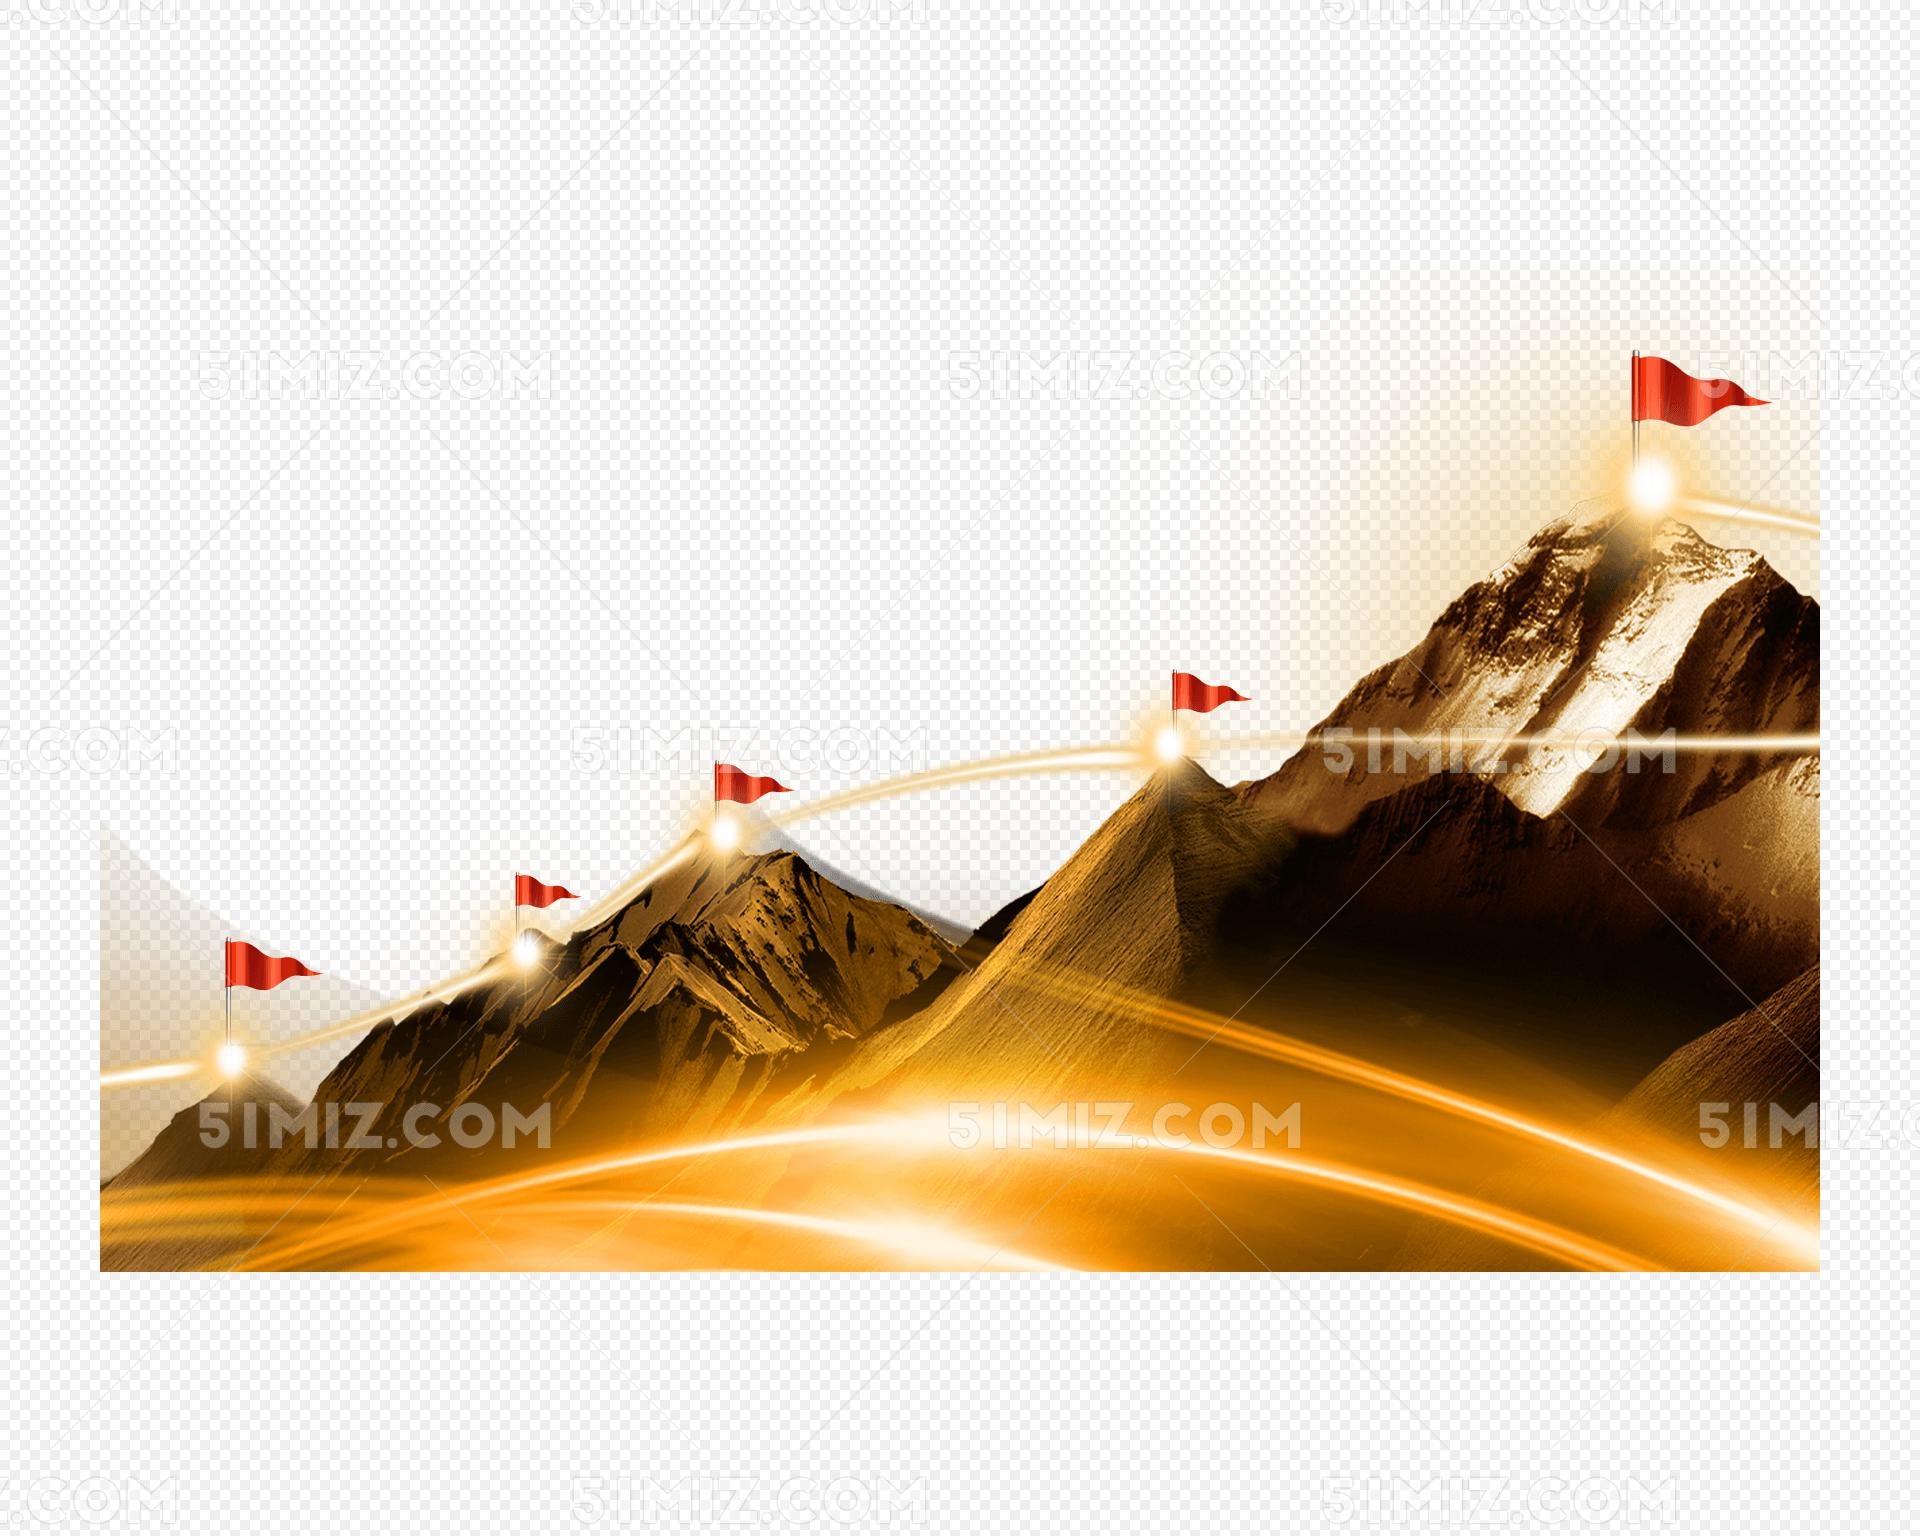 山峰旗帜排名企业展板背景